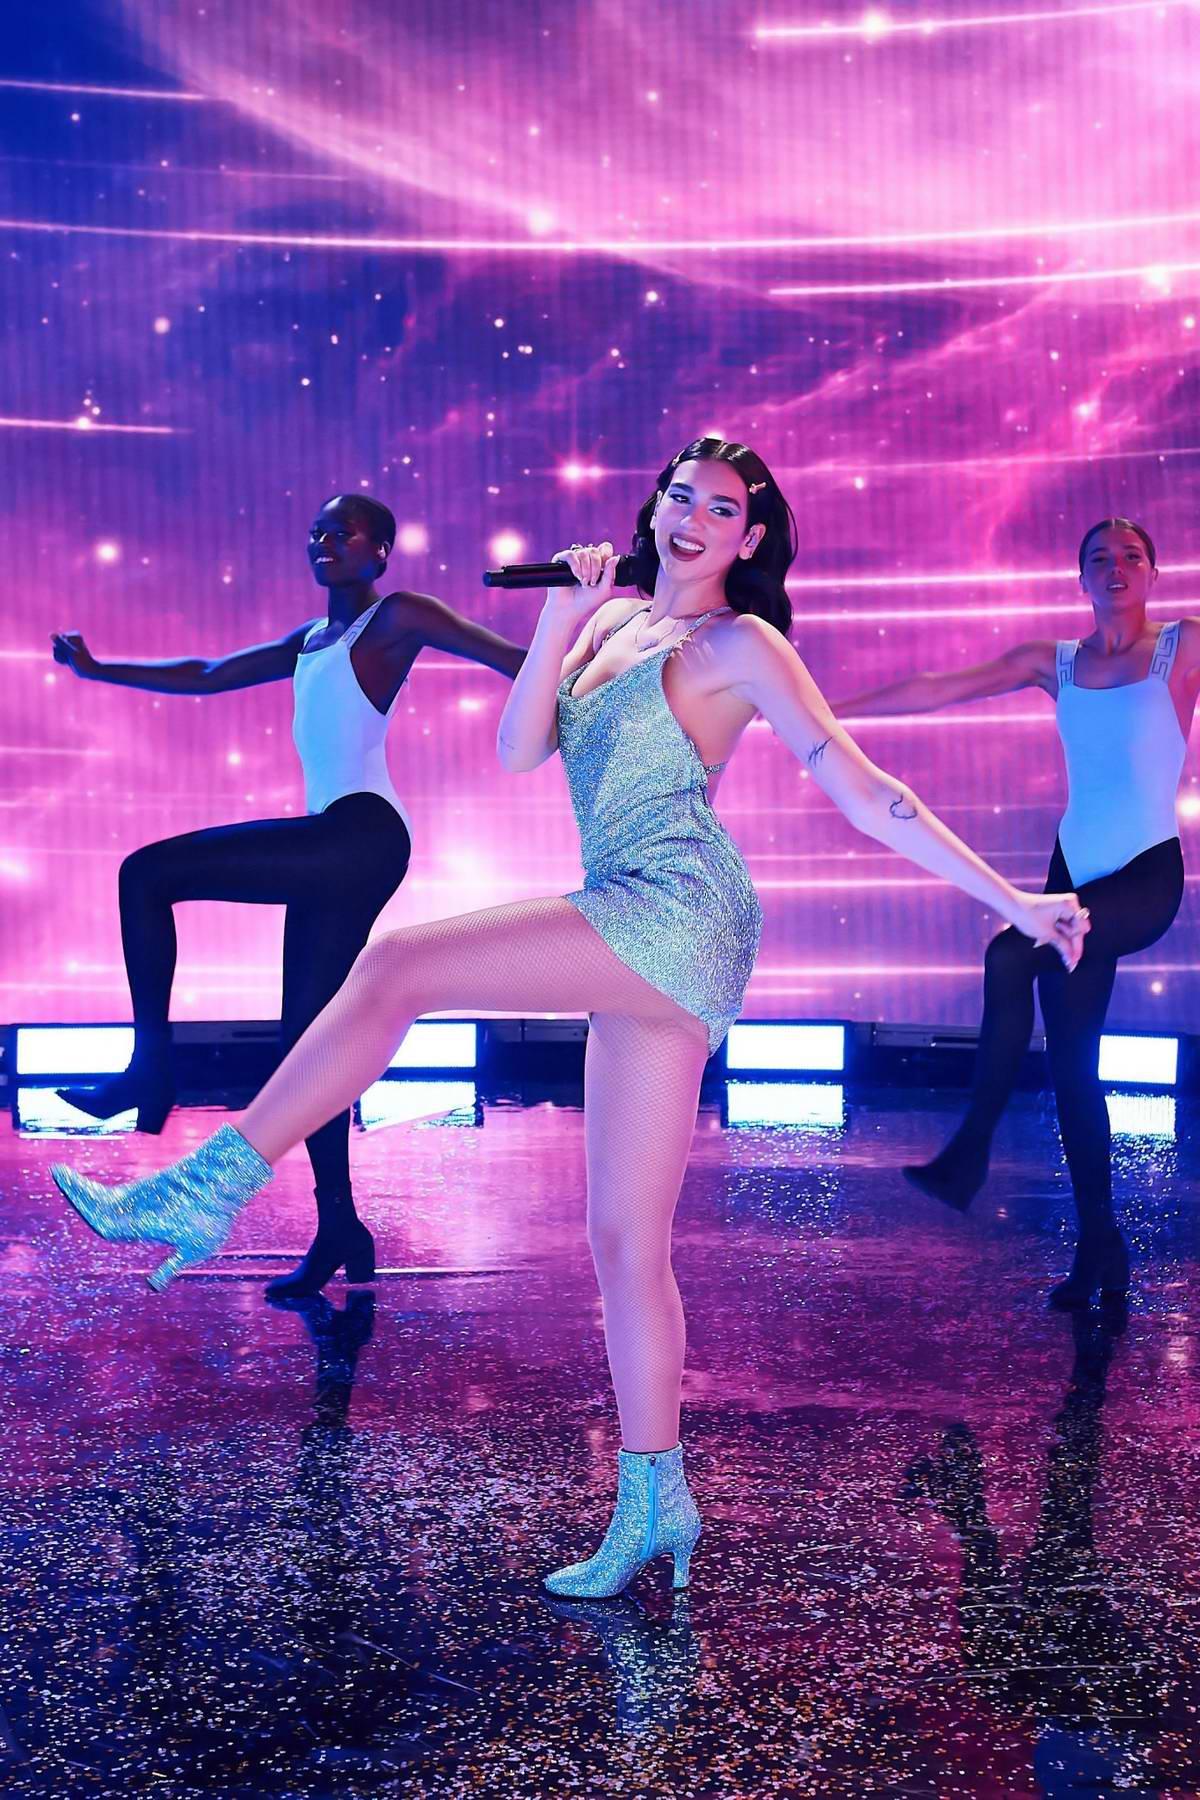 Dua Lipa performs at the 2020 American Music Awards in London, UK